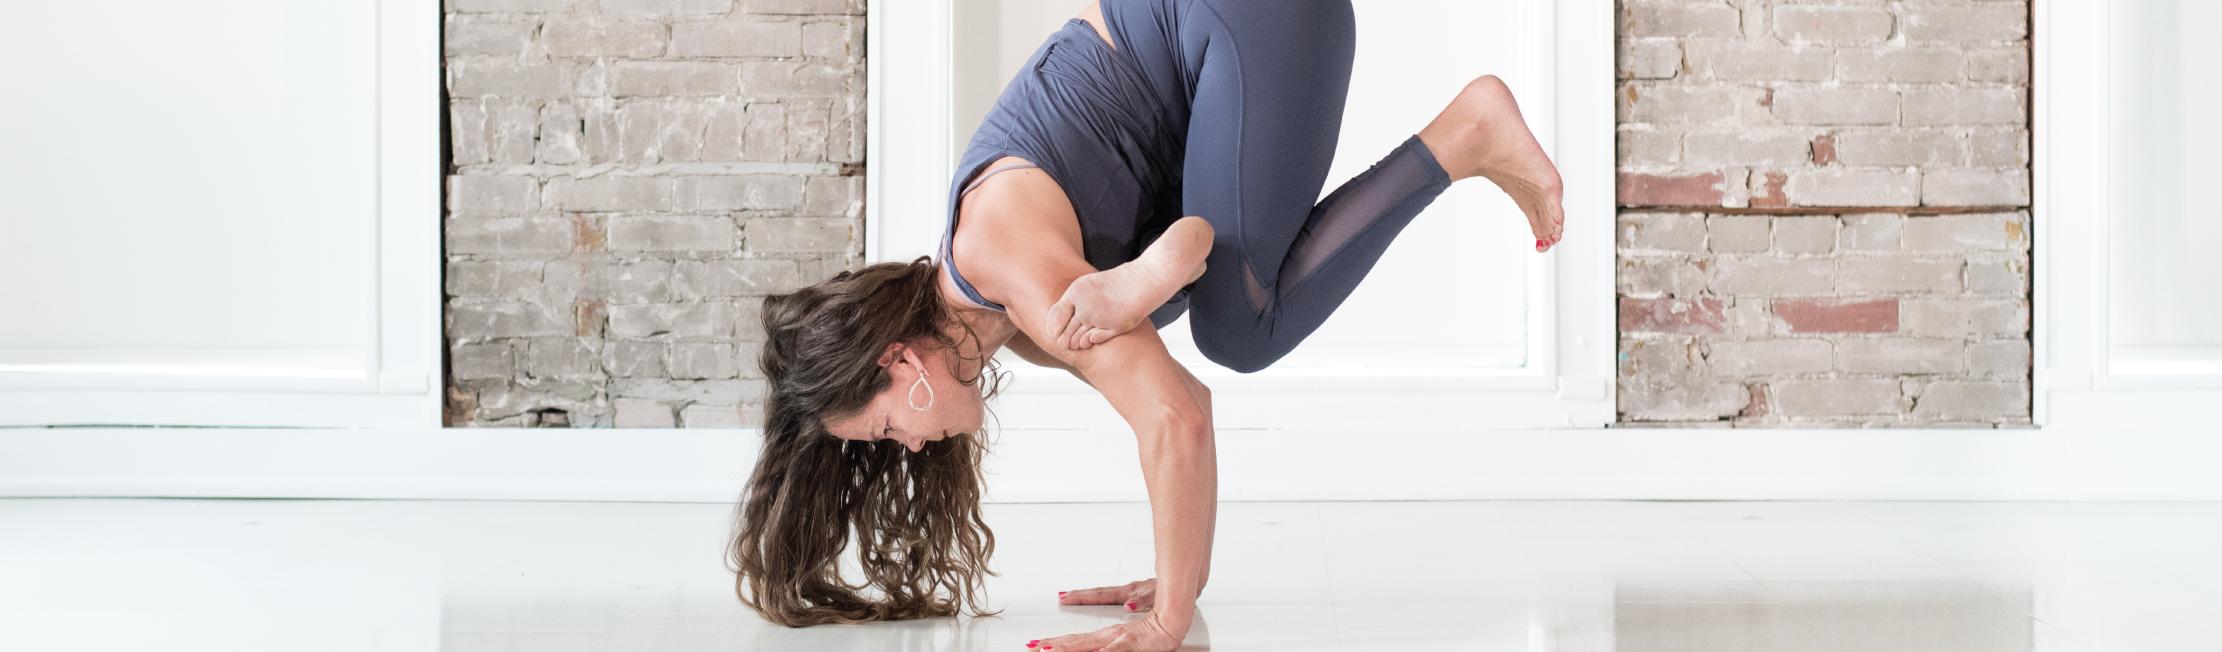 Power Yoga Teacher Training with Jenn Stow | Pure Yoga ...